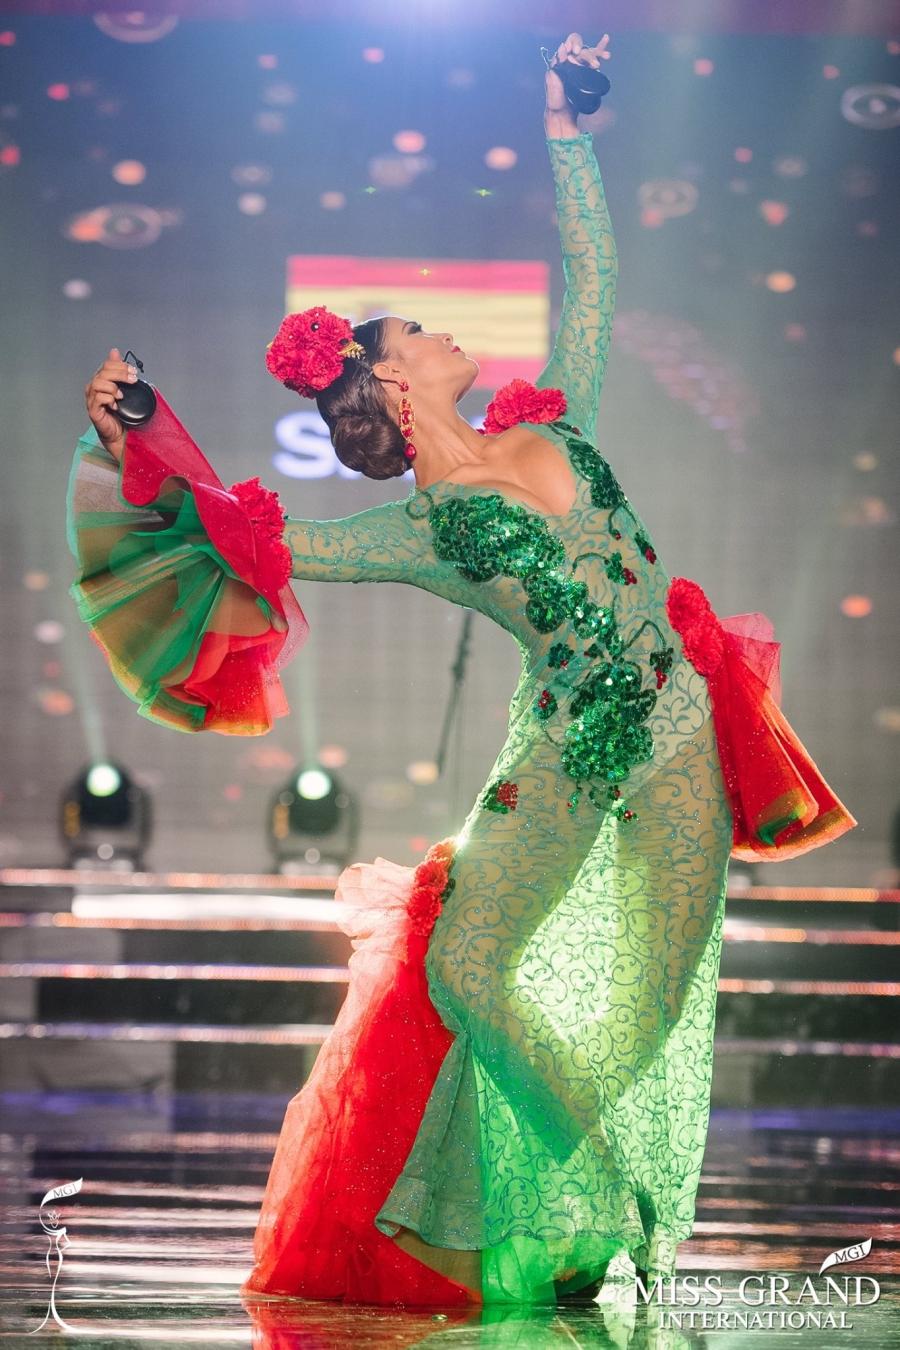 Trước giờ công bố kết quả, Huyền My lọt top 20 thí sinh có trang phục dân tộc được yêu thích nhất Miss Grand International 2017 - Ảnh 4.